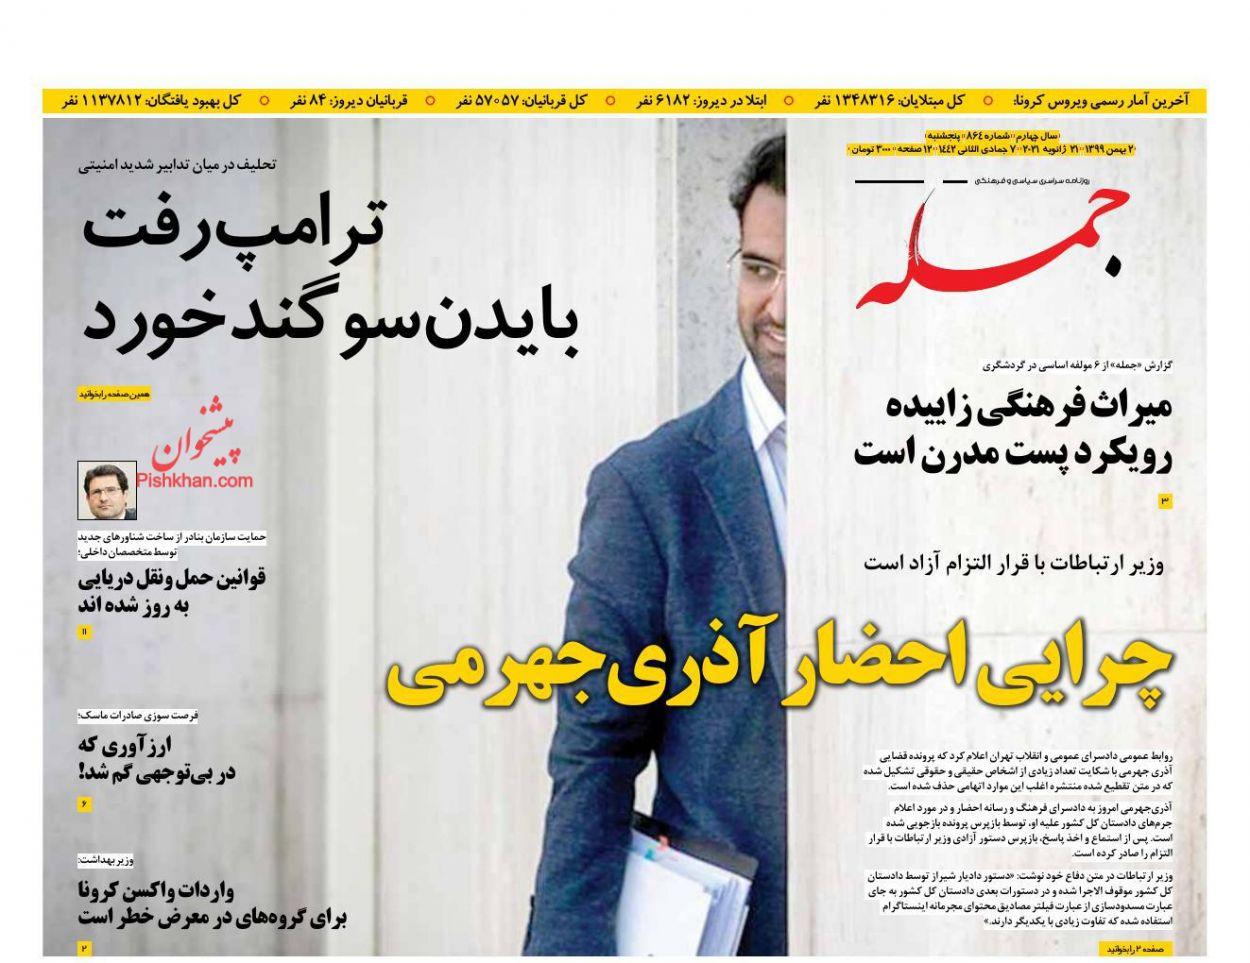 عناوین اخبار روزنامه جمله در روز پنجشنبه ۲ بهمن